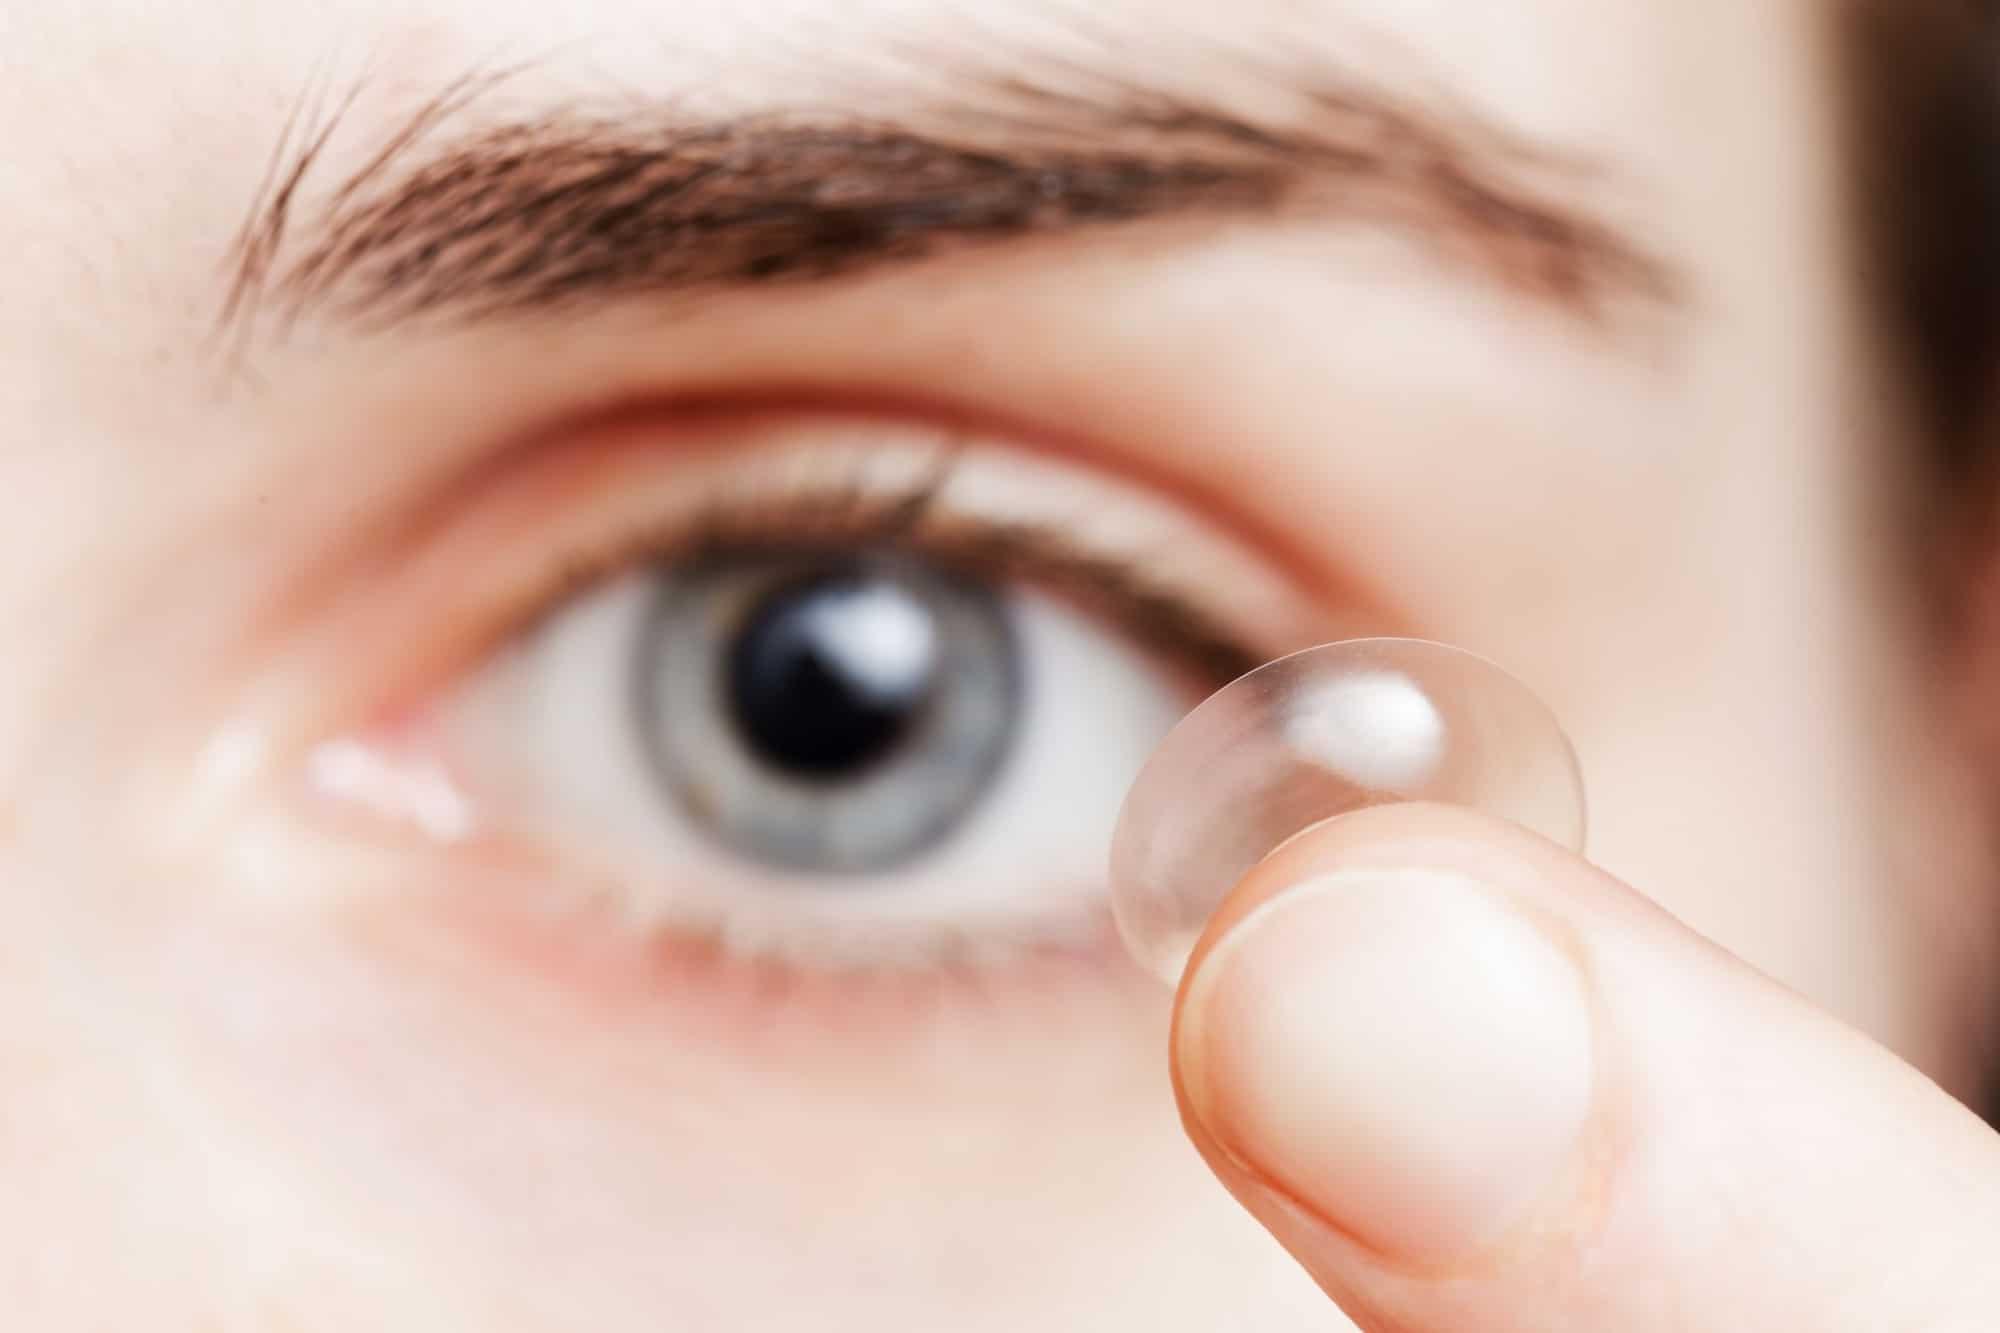 ההבדלים בין עדשות מגע רכות לעדשות מגע קשות - אופטיקה יפעת אופטומטריסטית מוסמכת